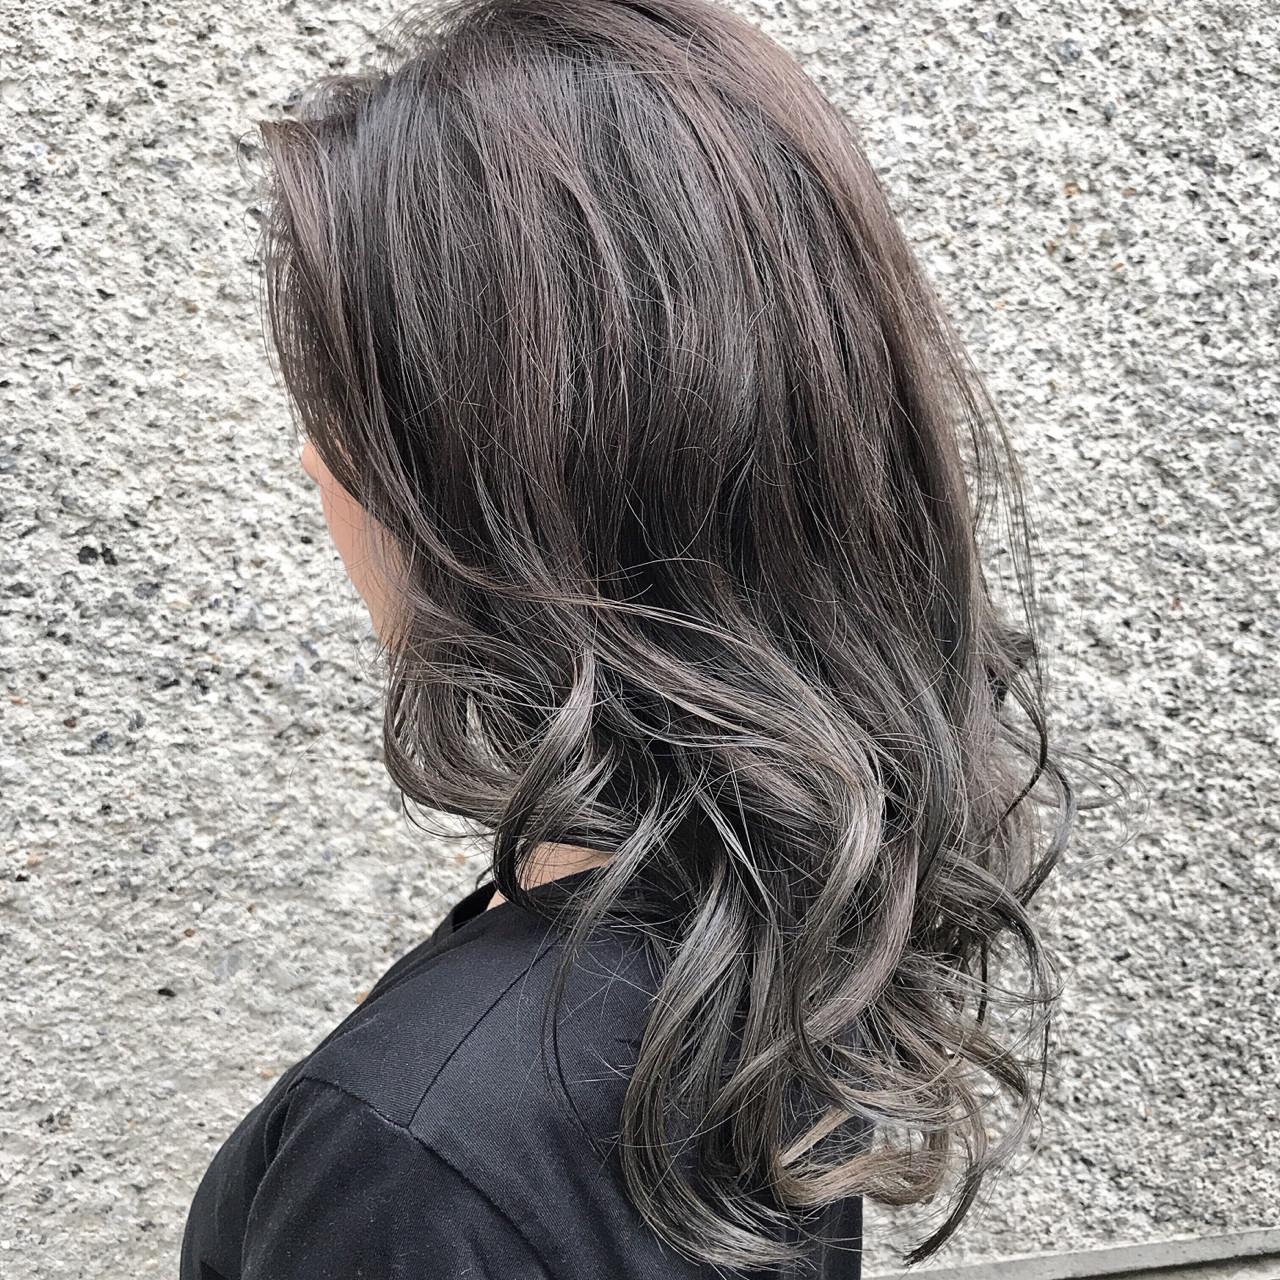 透明感 ダブルカラー 秋 ロング ヘアスタイルや髪型の写真・画像